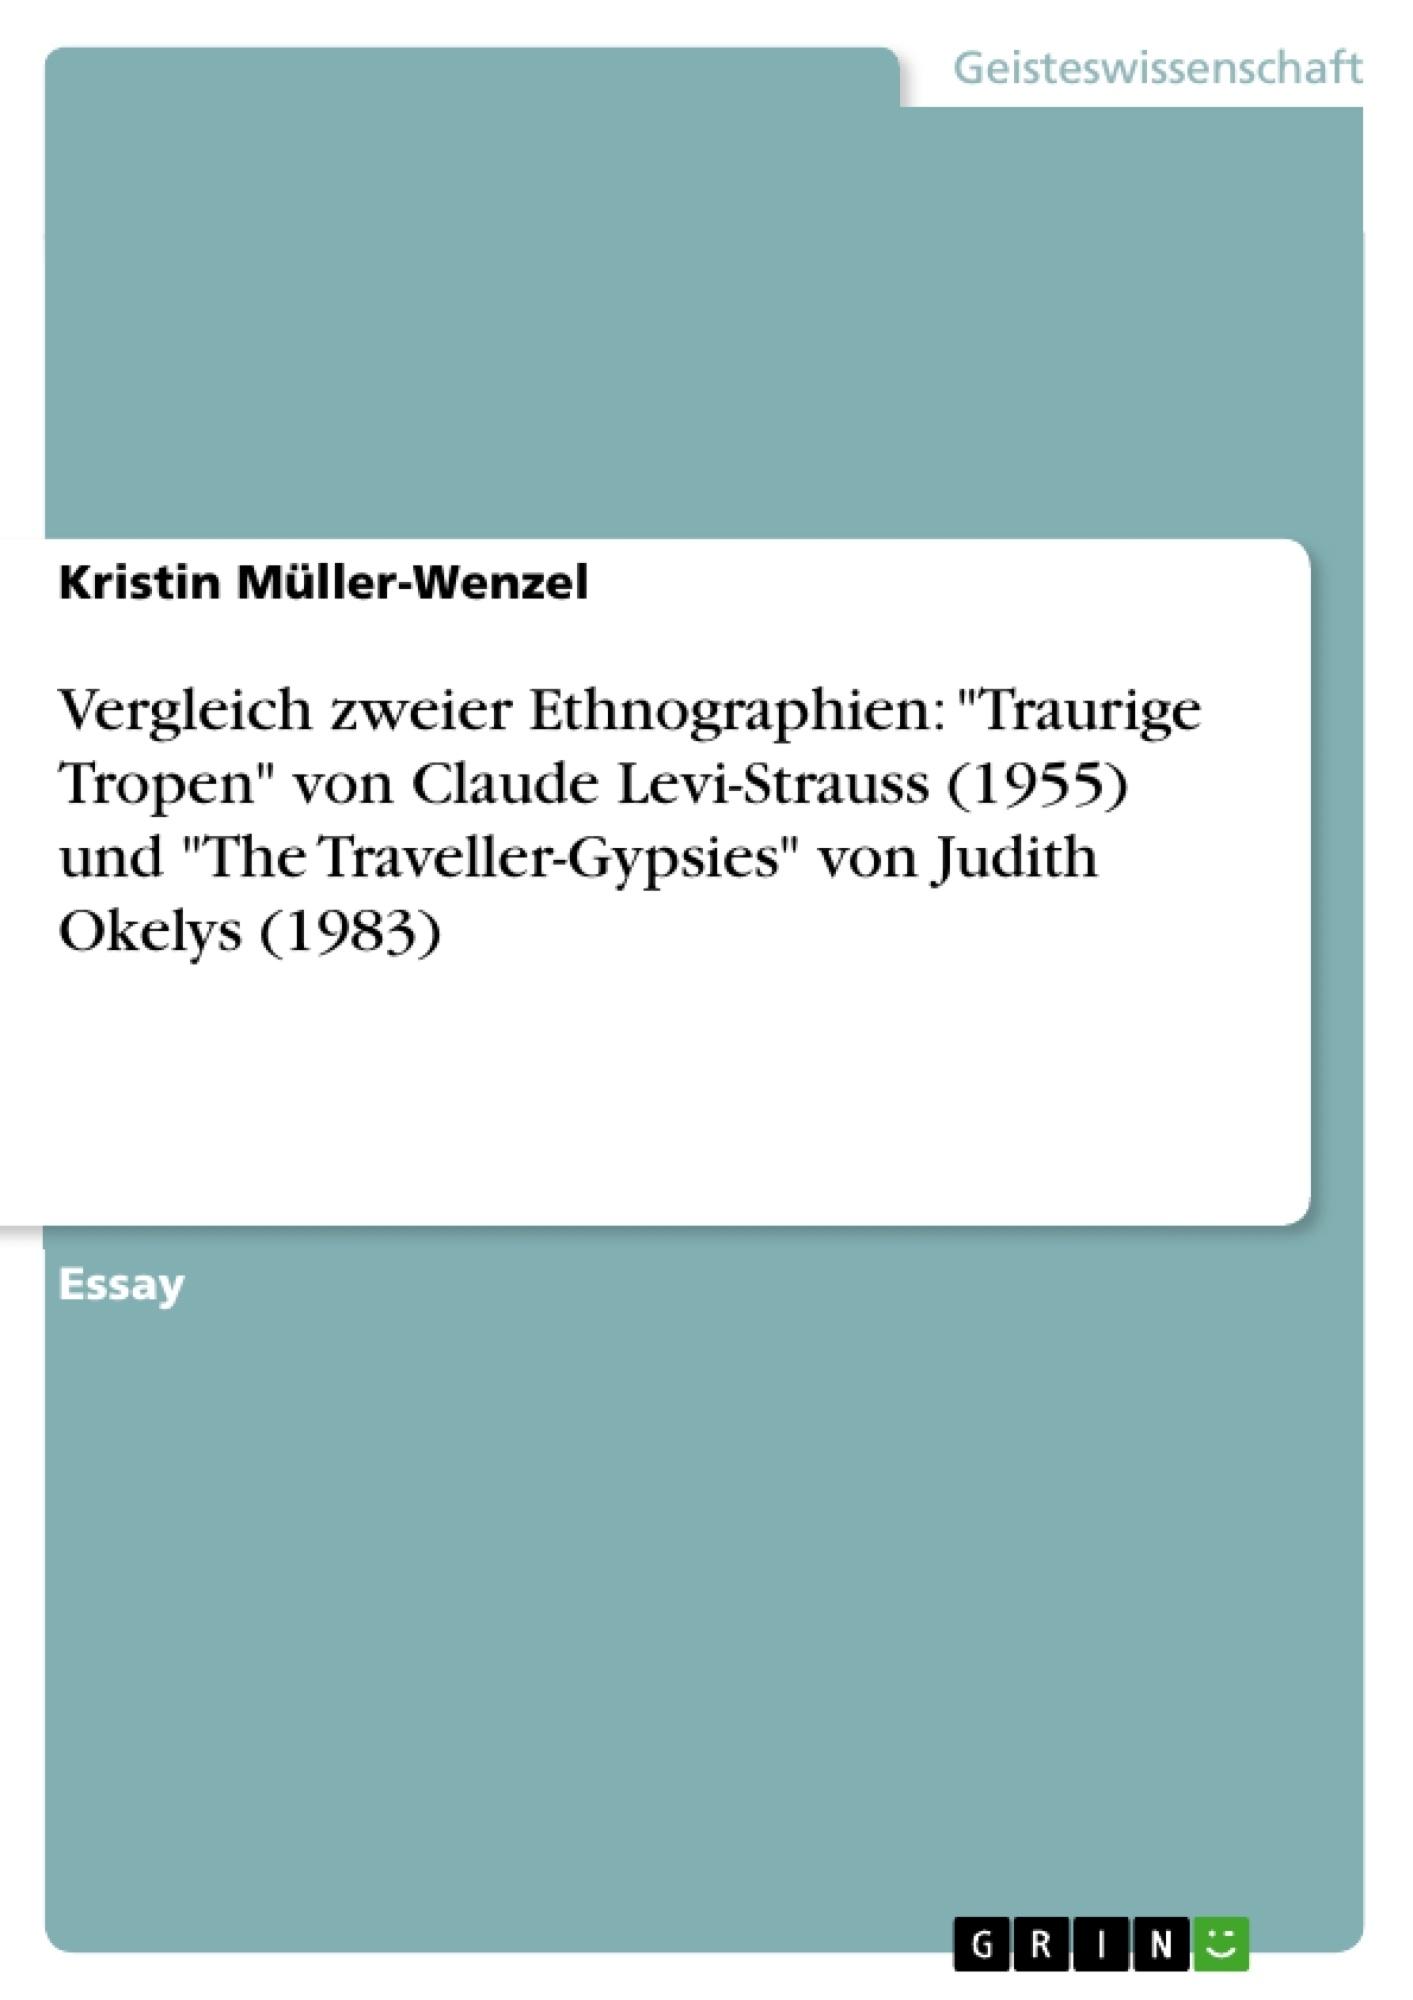 """Titel: Vergleich zweier Ethnographien: """"Traurige Tropen"""" von Claude Levi-Strauss (1955) und """"The Traveller-Gypsies"""" von Judith Okelys (1983)"""